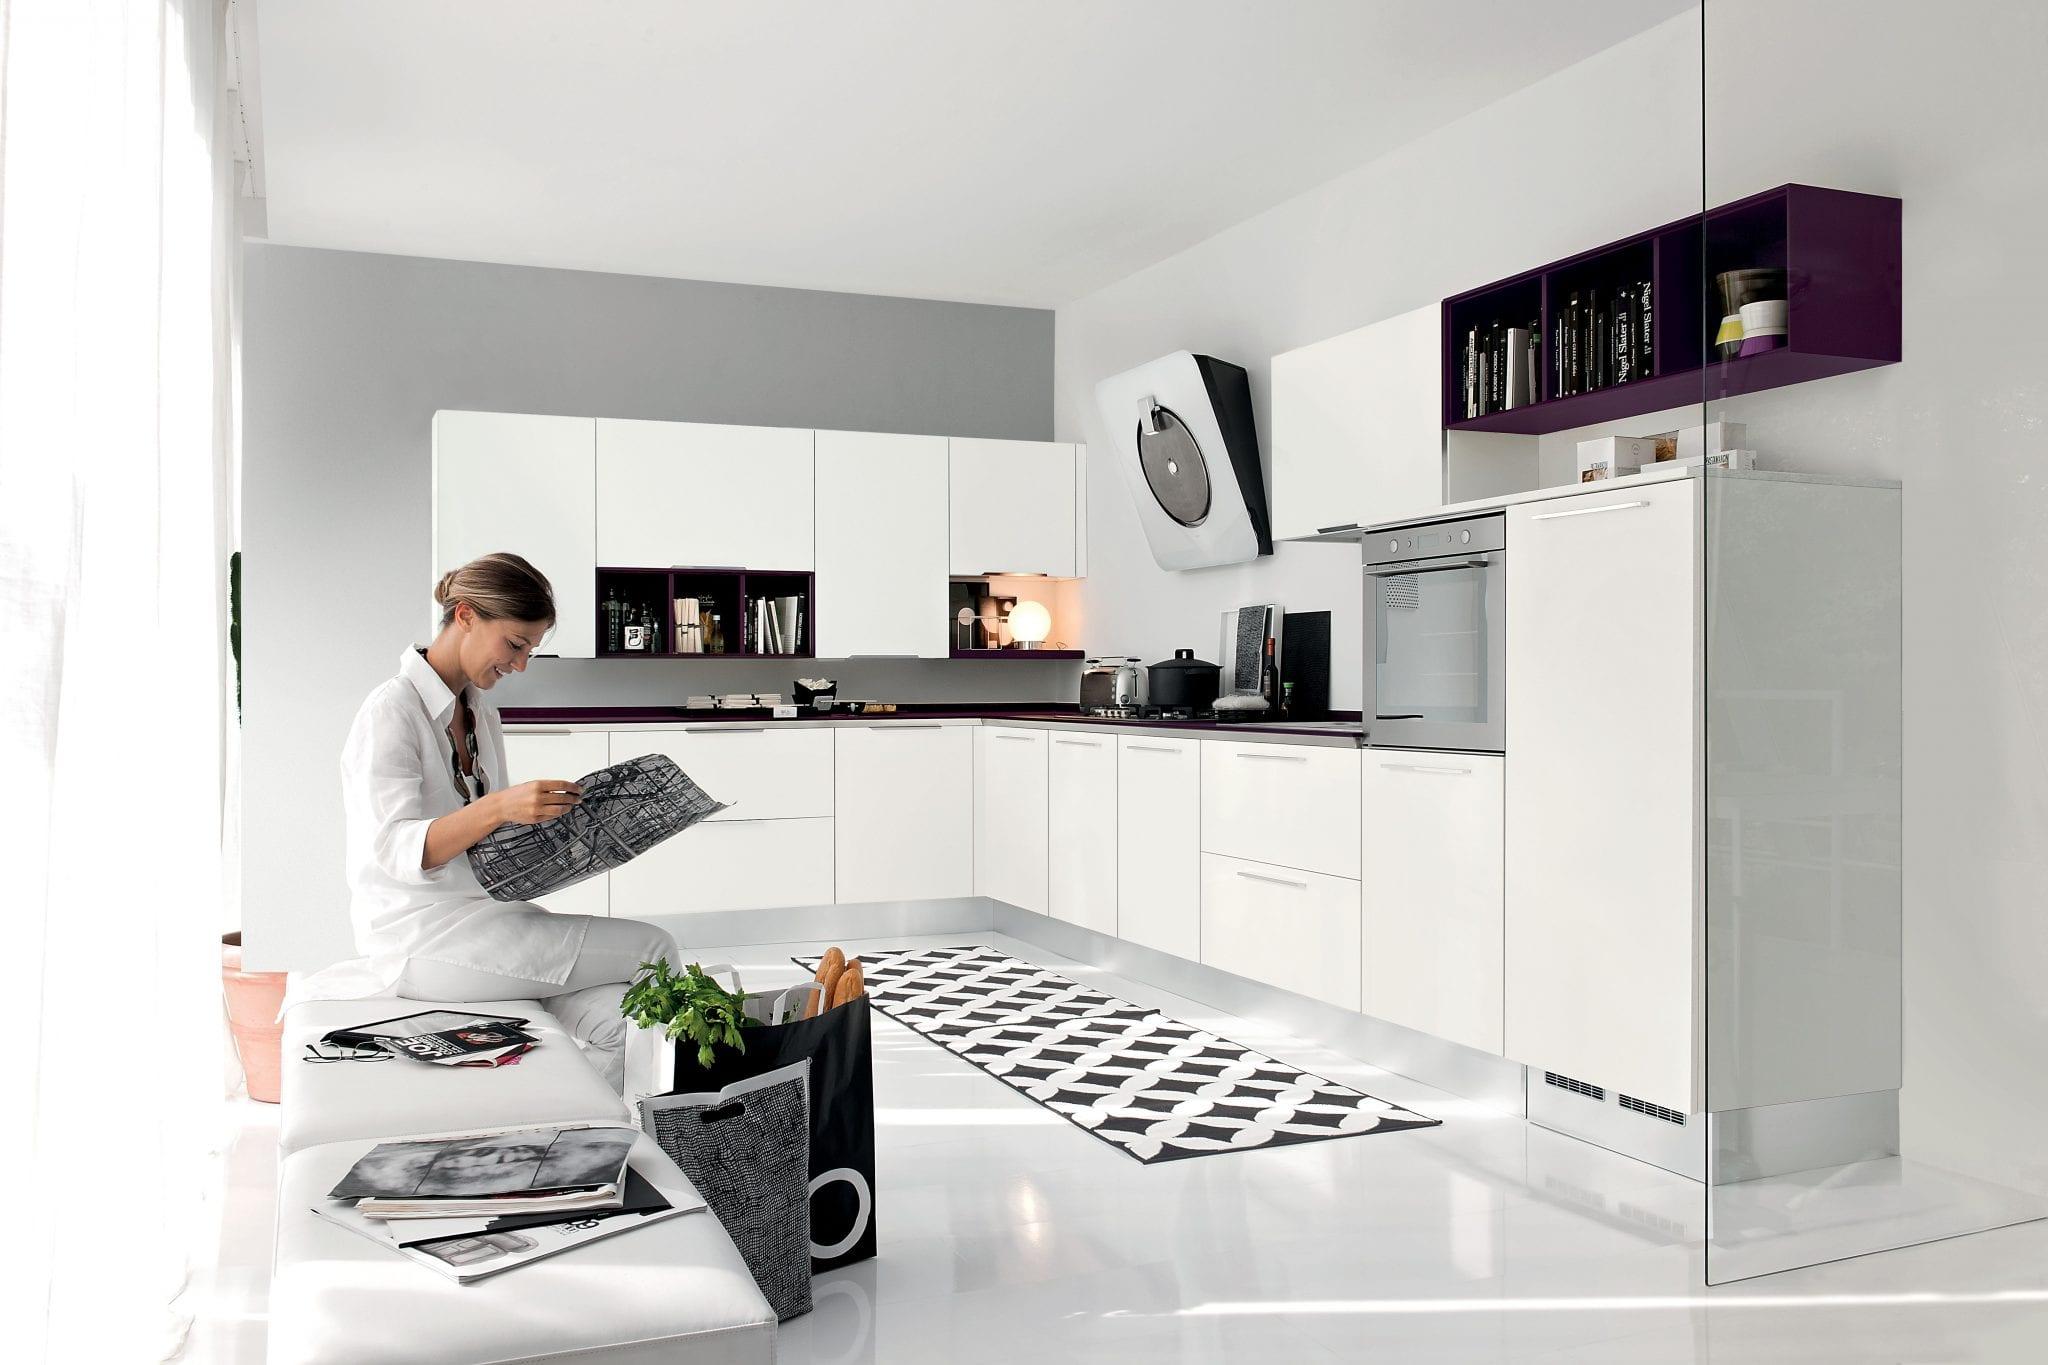 Cucina Lube Noemi Raimondi Idee Casa Crespellano